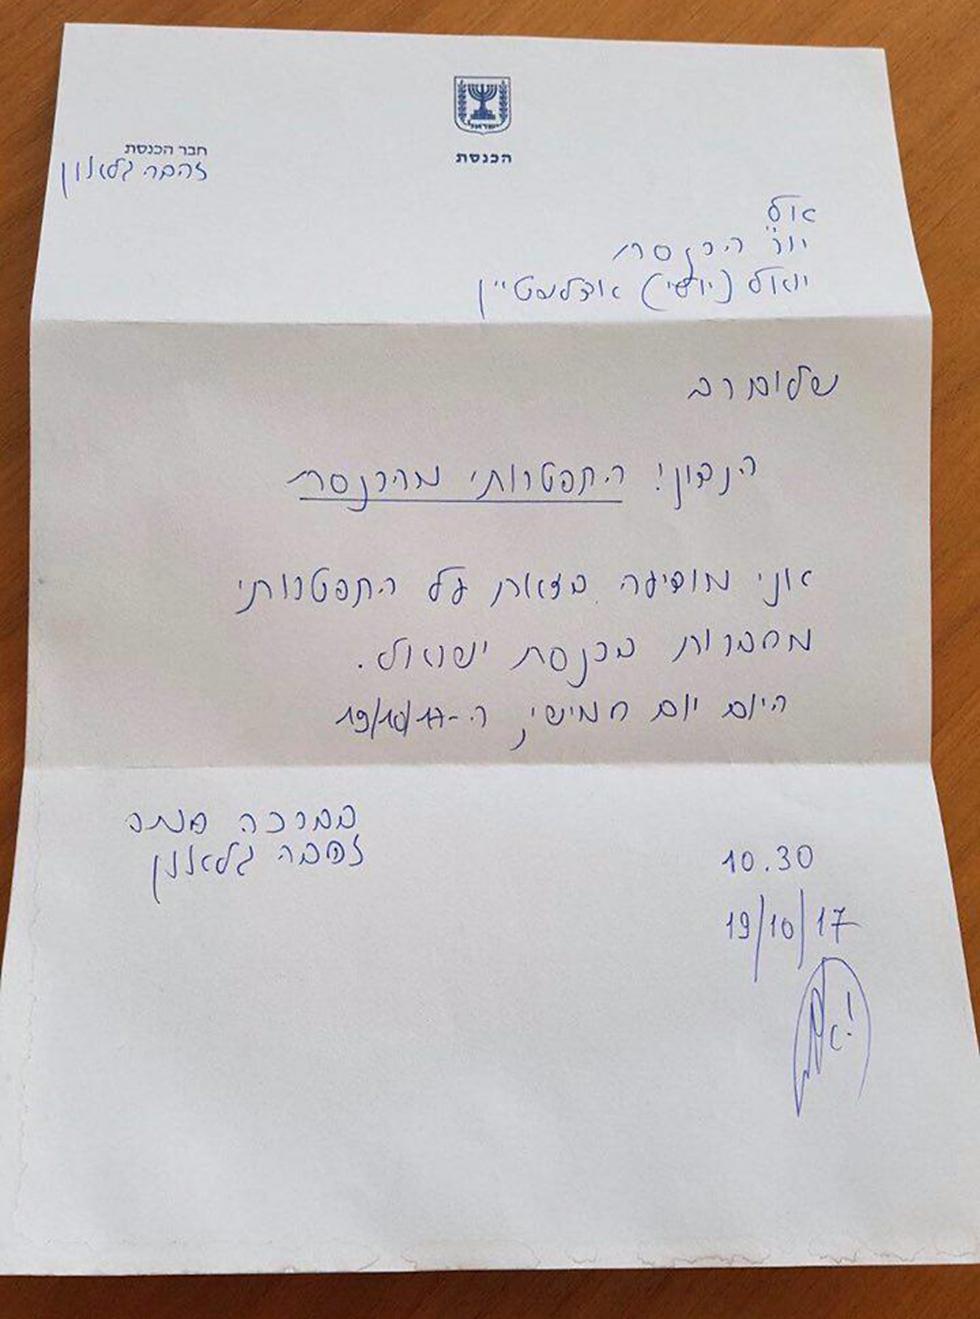 מכתב ההתפטרות מהכנסת ()